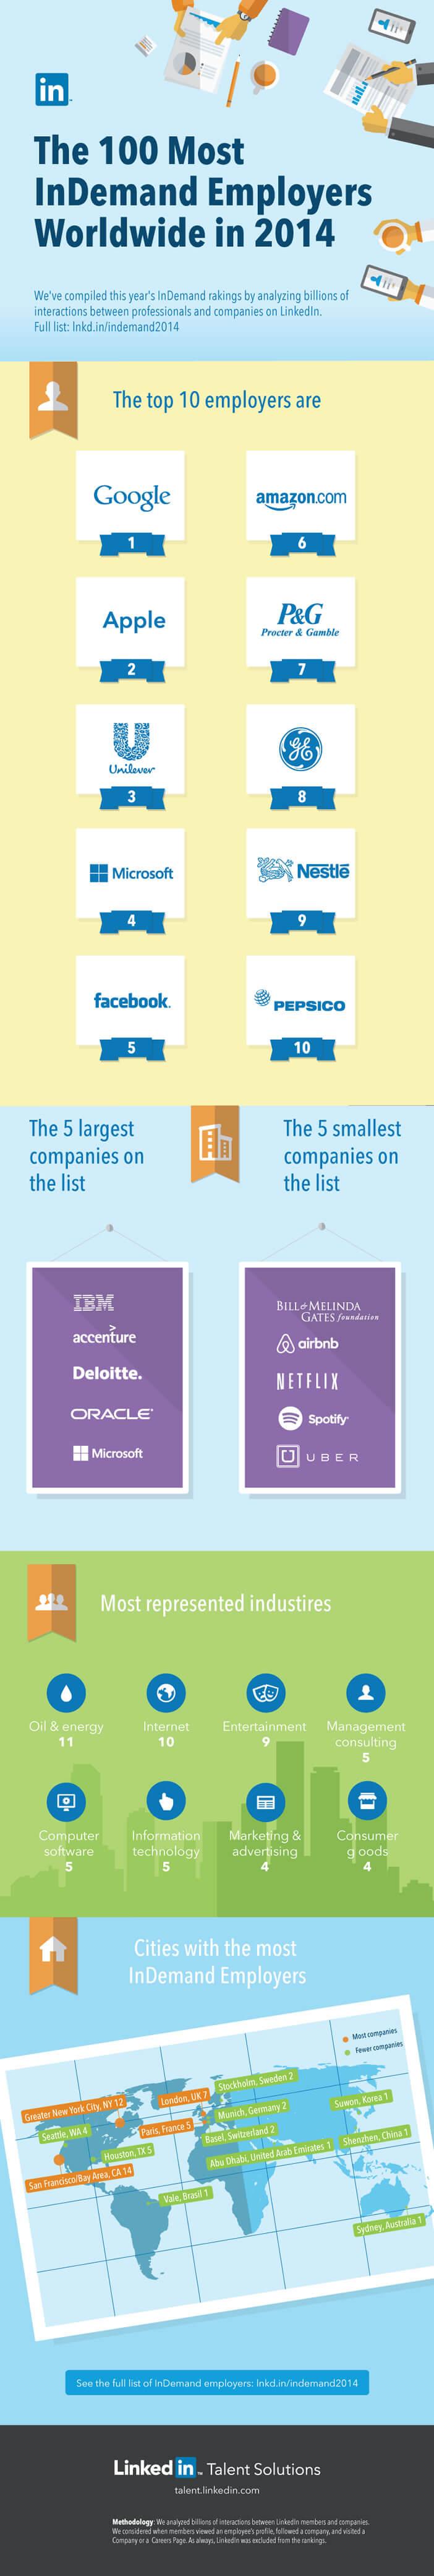 Les 100 entreprises les plus attractives dans le monde selon LinkedIn